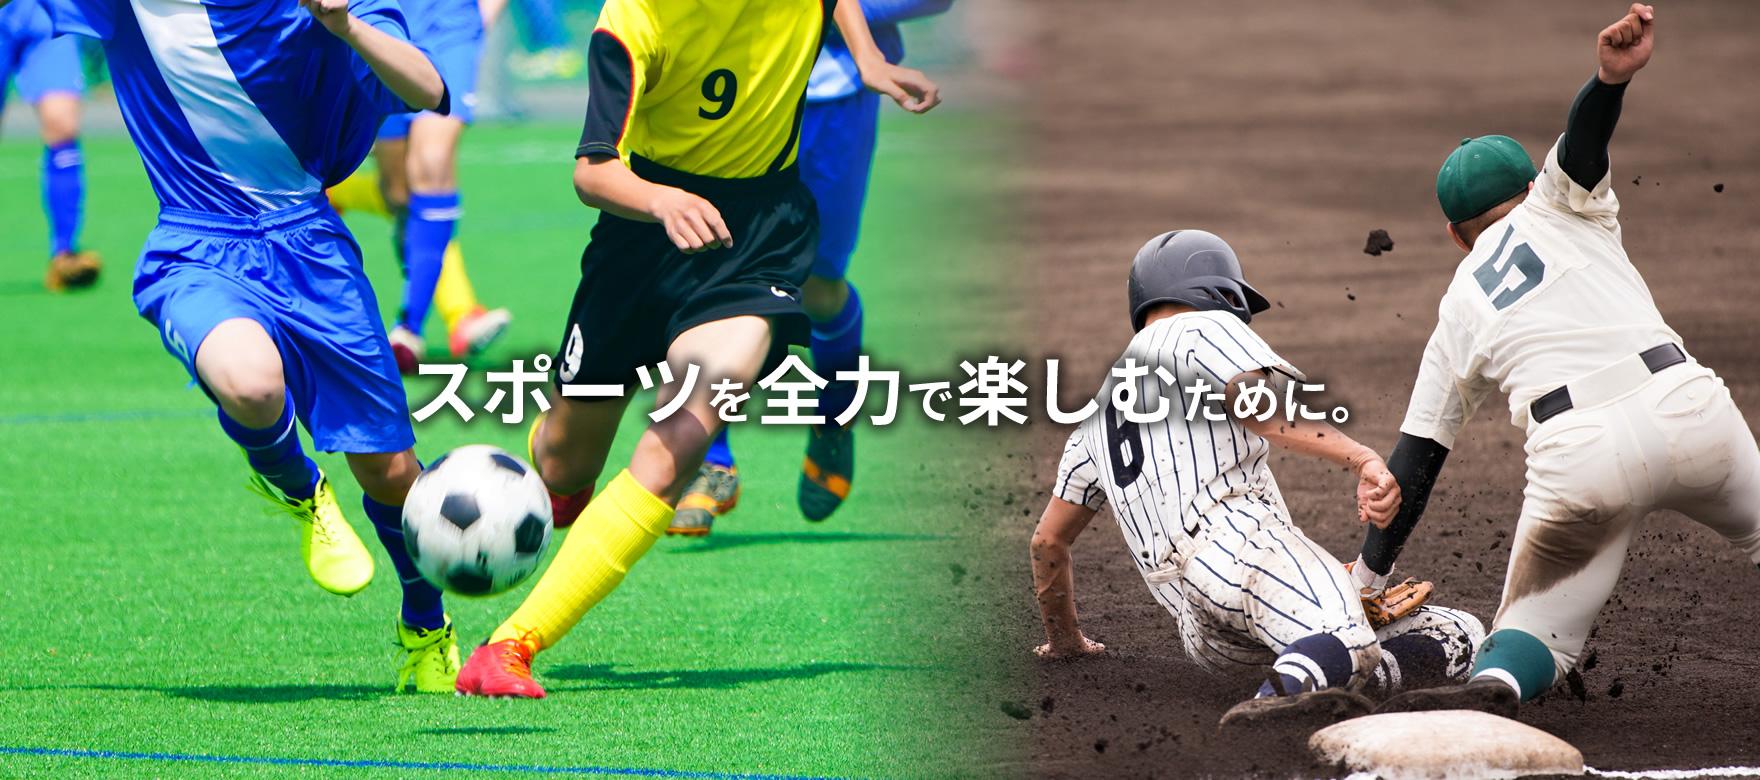 スポーツを全力で楽しむために